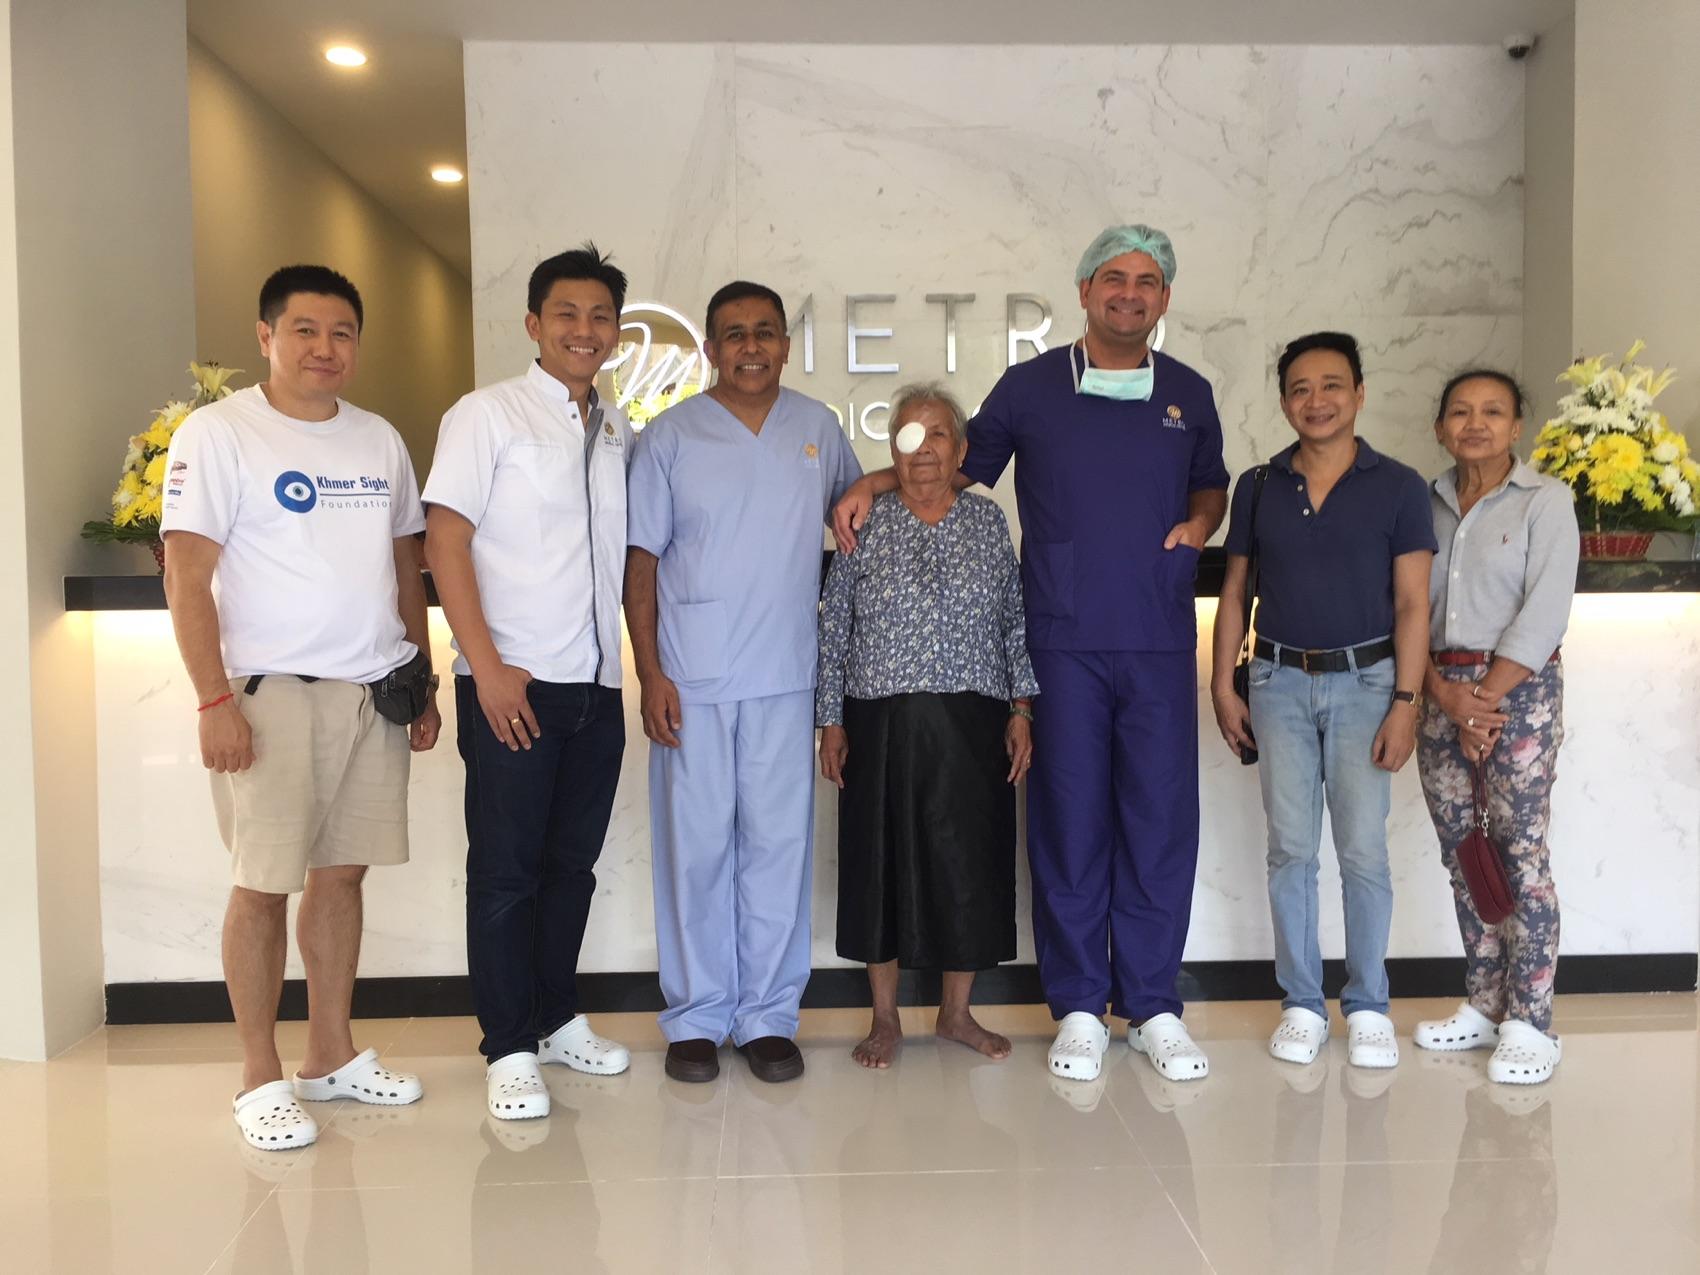 V.l.n.r.: Zwei Mitarbeiter der Khmer Sight Foundation, Prof. Sunil Shah, eine Patientin aus Phnom Penh,  Dr. Detlev Breyer, Prinz HRH Tesso Sisowath und Prinzessin Sita Norodom von der Khmer Sight Foundation.